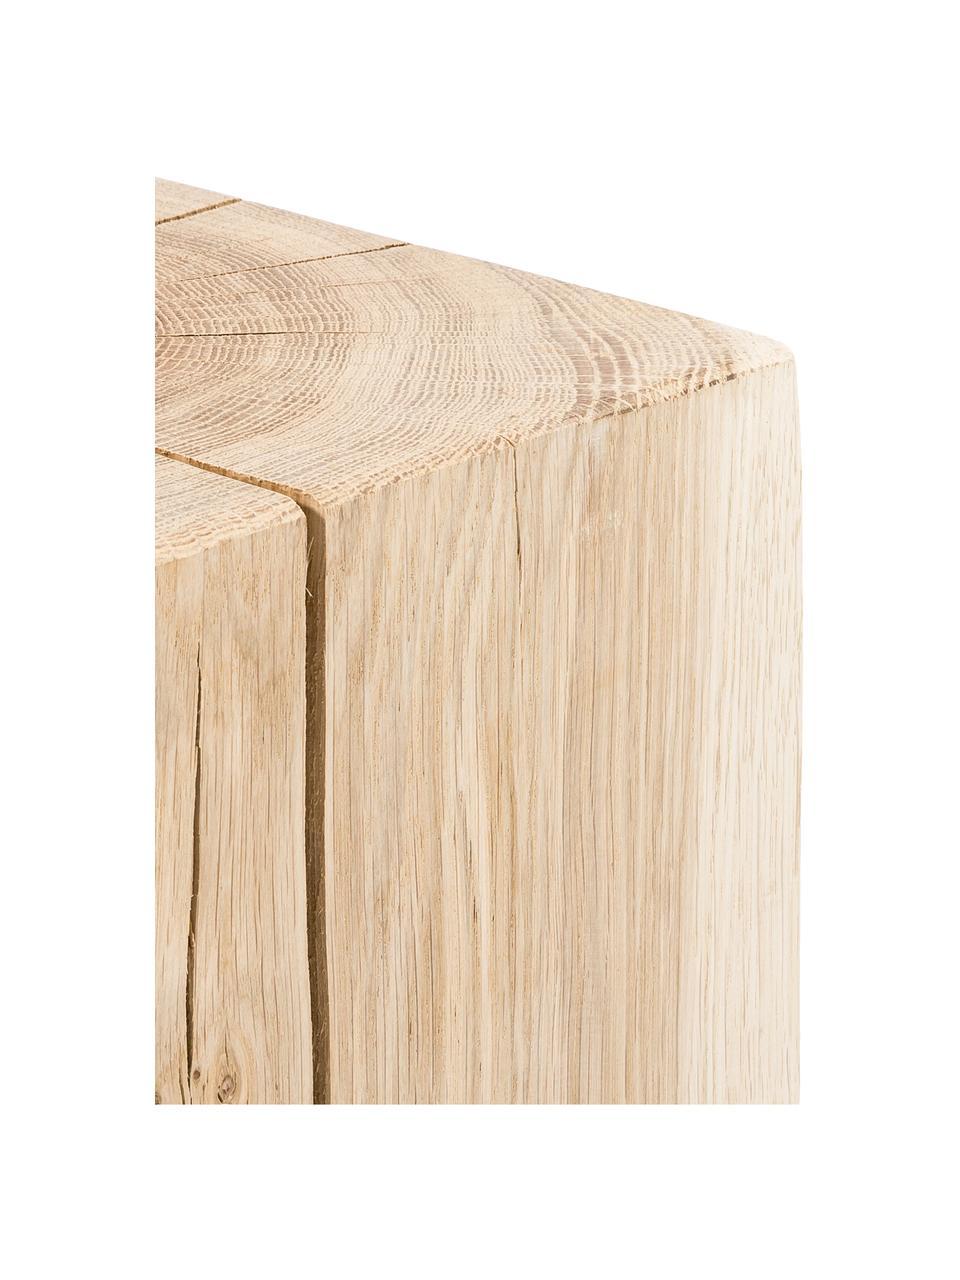 Sgabello in legno di quercia massiccio Block, Legno di quercia, Legno di quercia, Larg. 29 x Alt. 40 cm